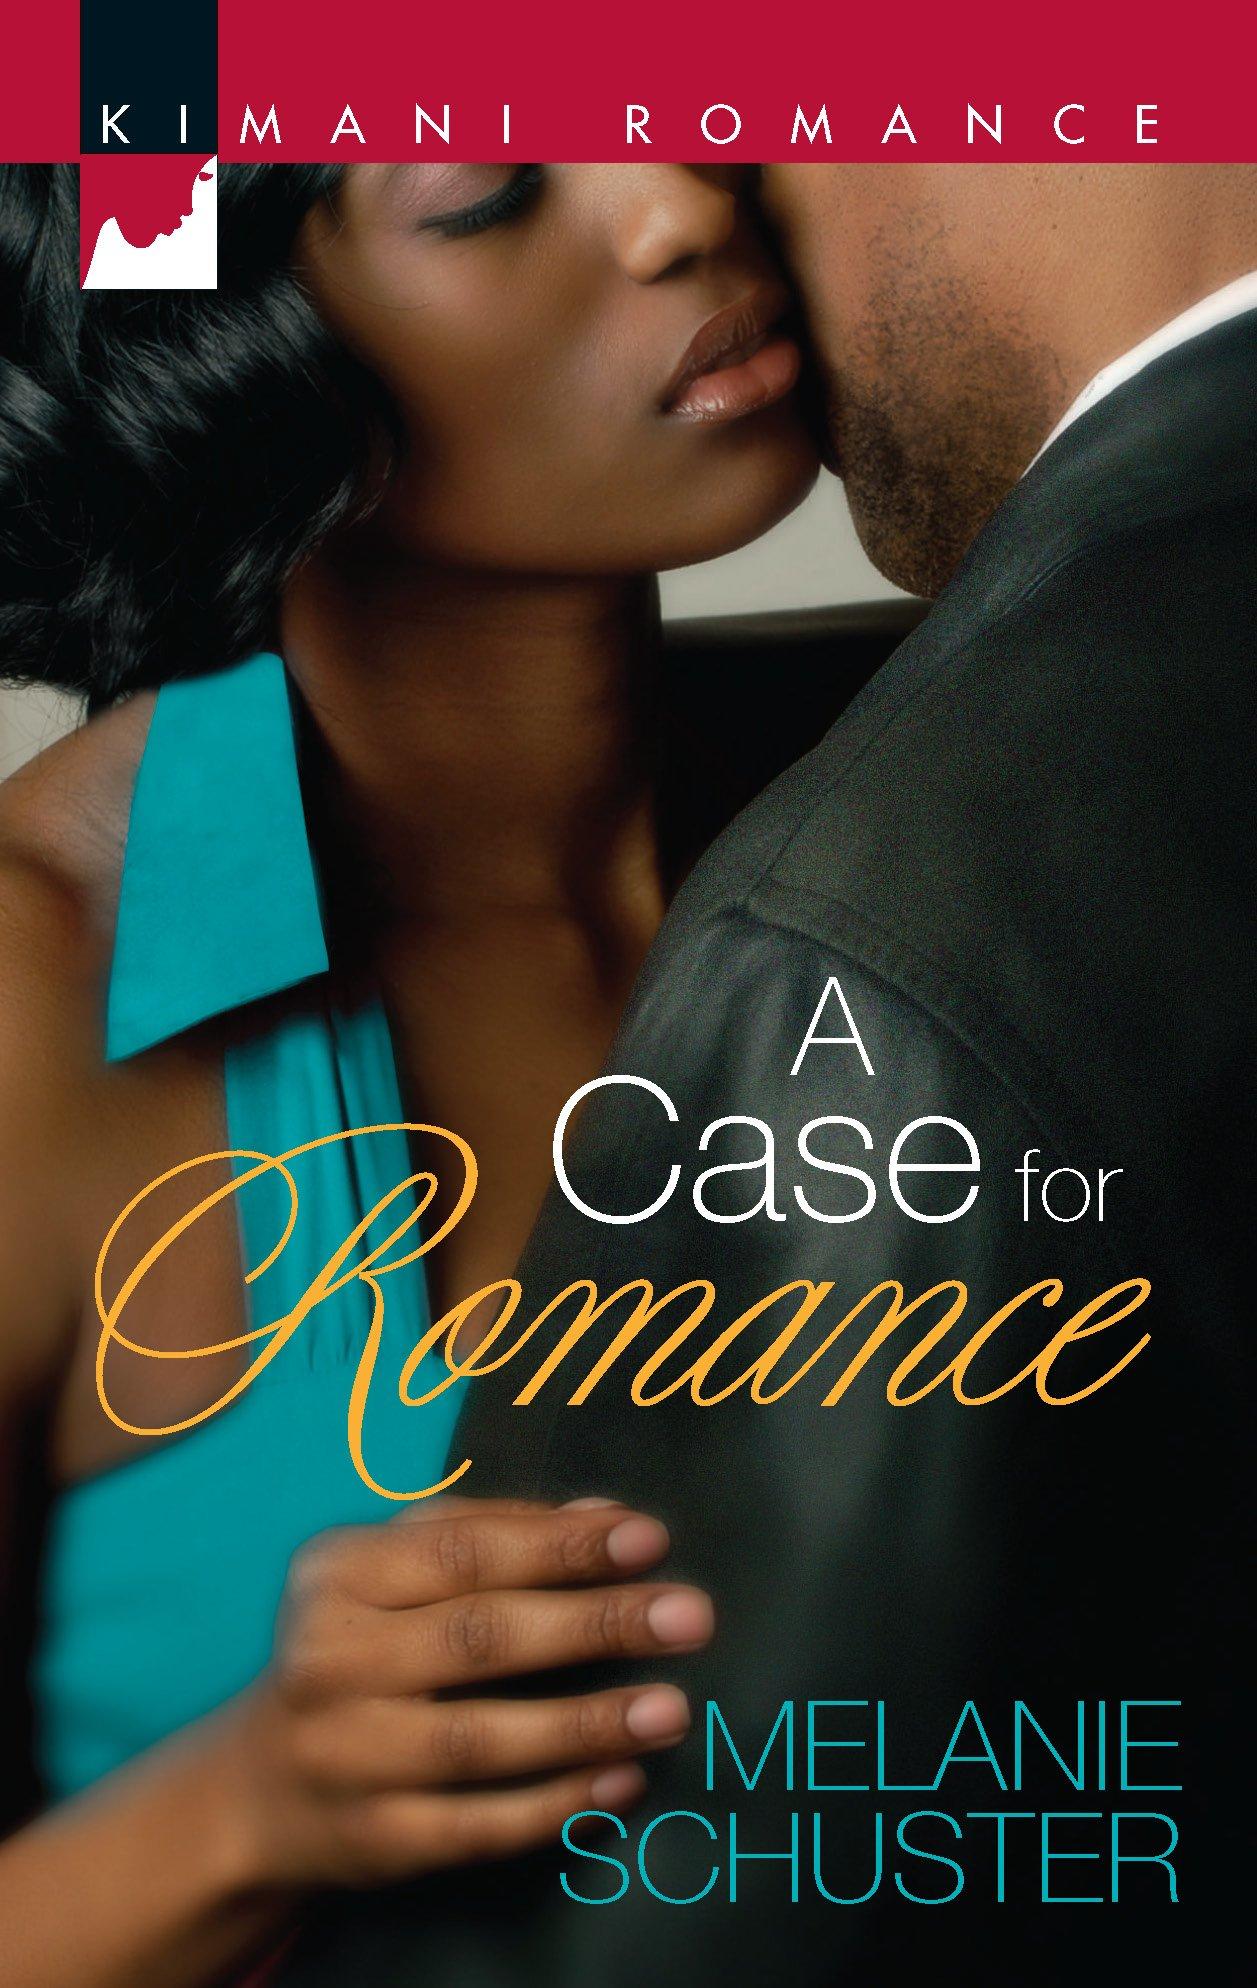 A Case For Romance (Kimani Romance): Melanie Schuster: 9780373860982:  Amazon.com: Books